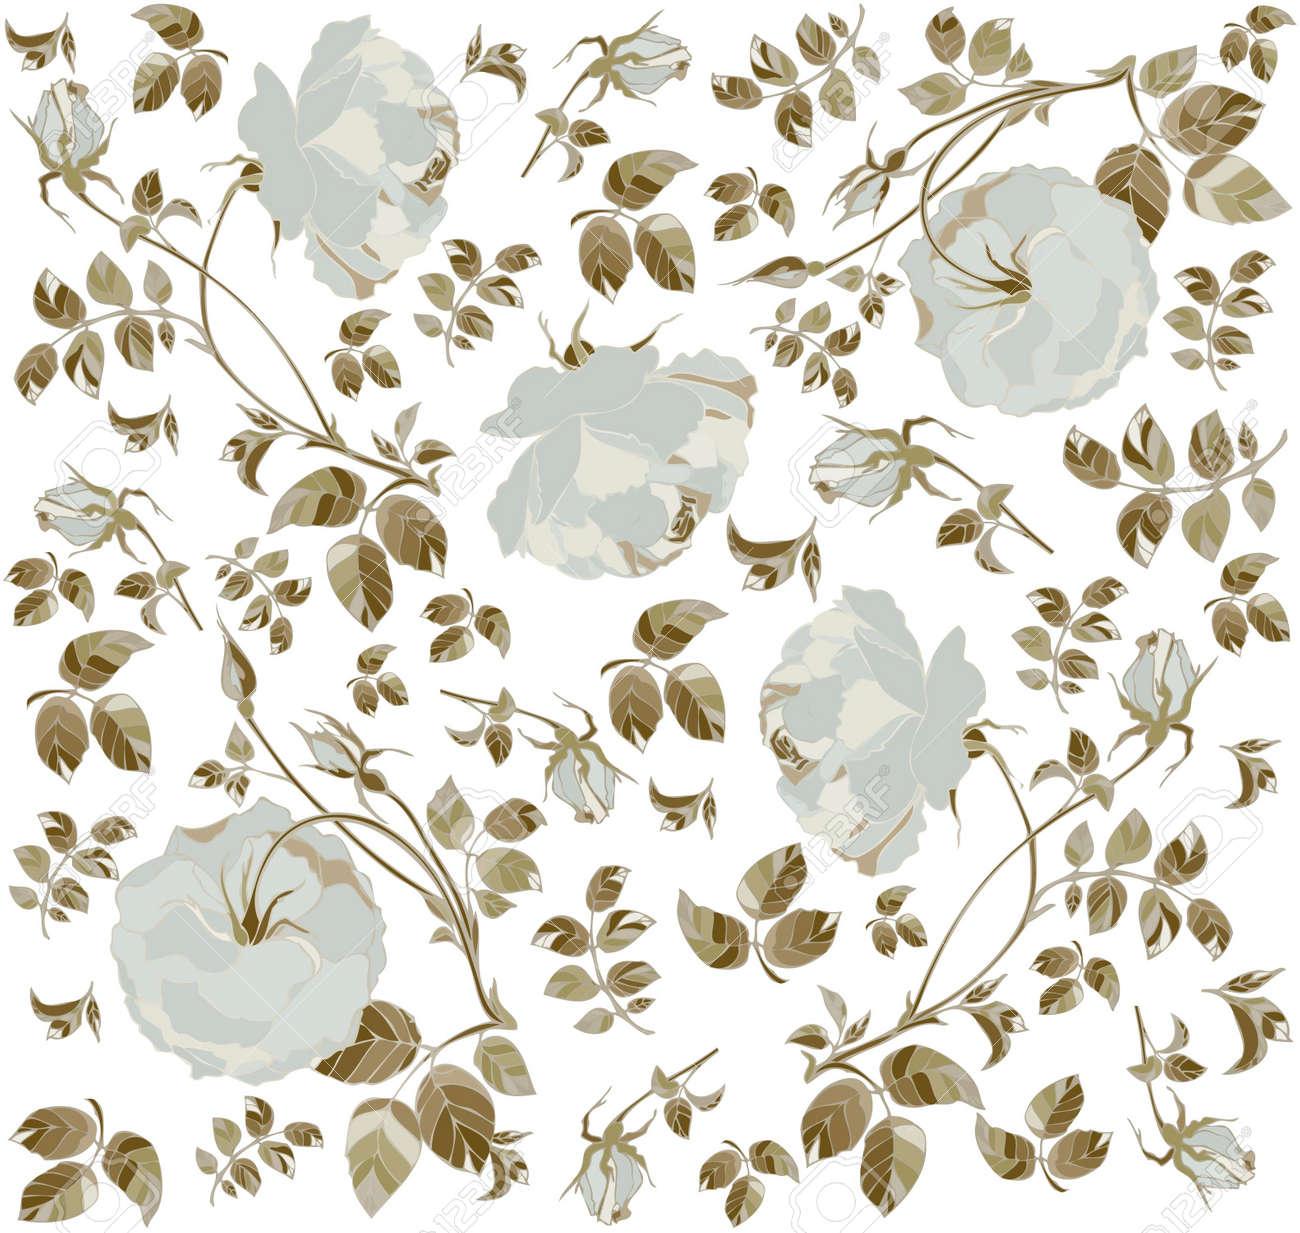 Fondo transparente de un adorno de flores, moda modern wallpaper o textiles. Foto de